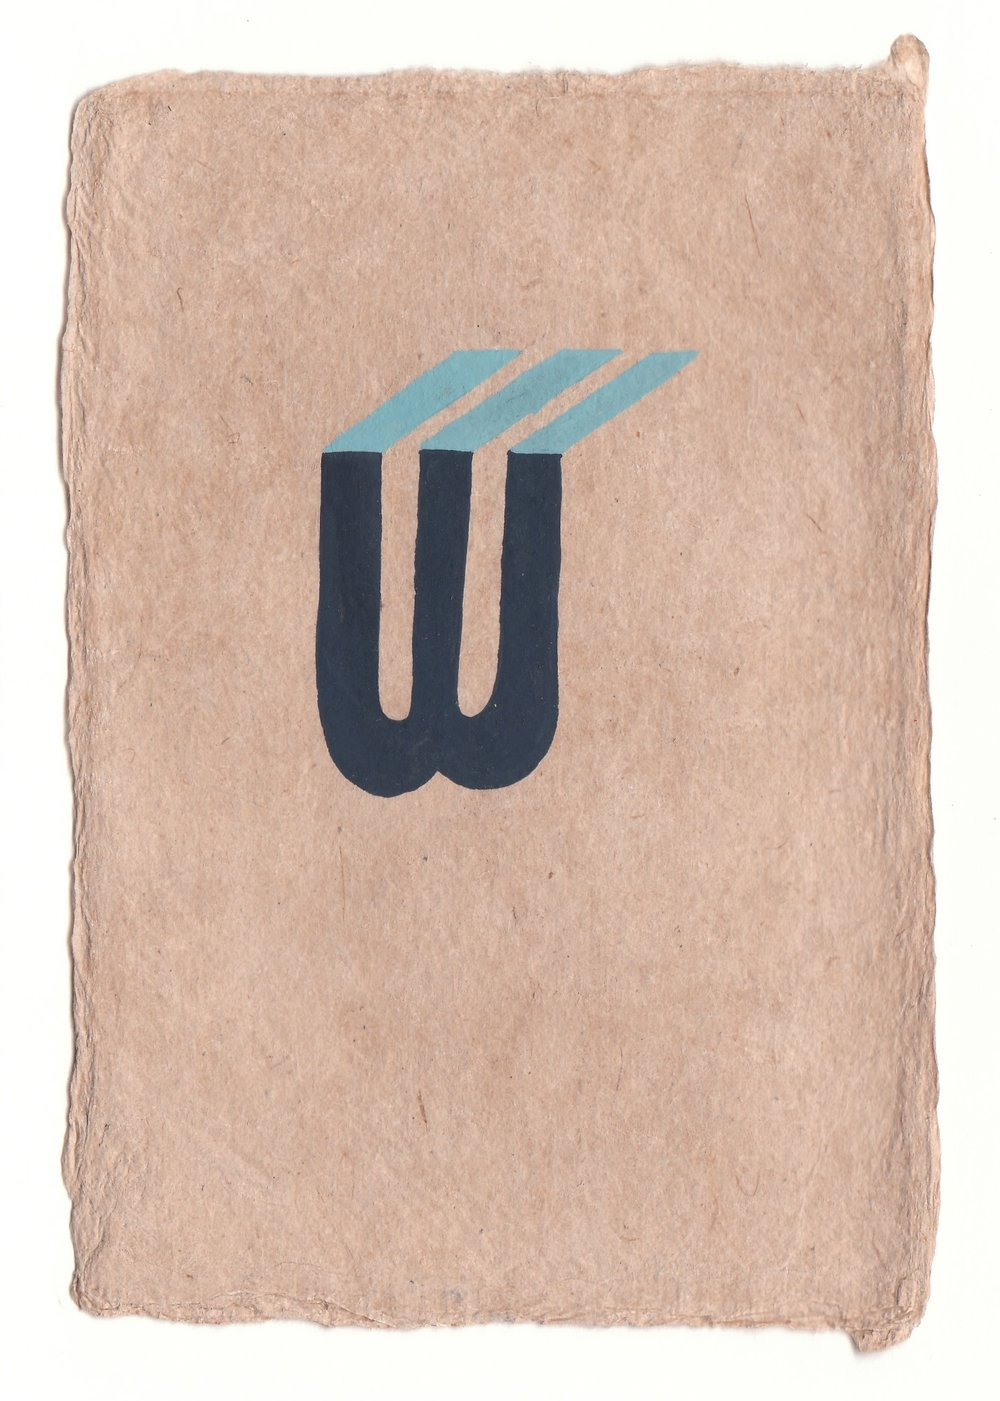 W in Navy 2.jpg